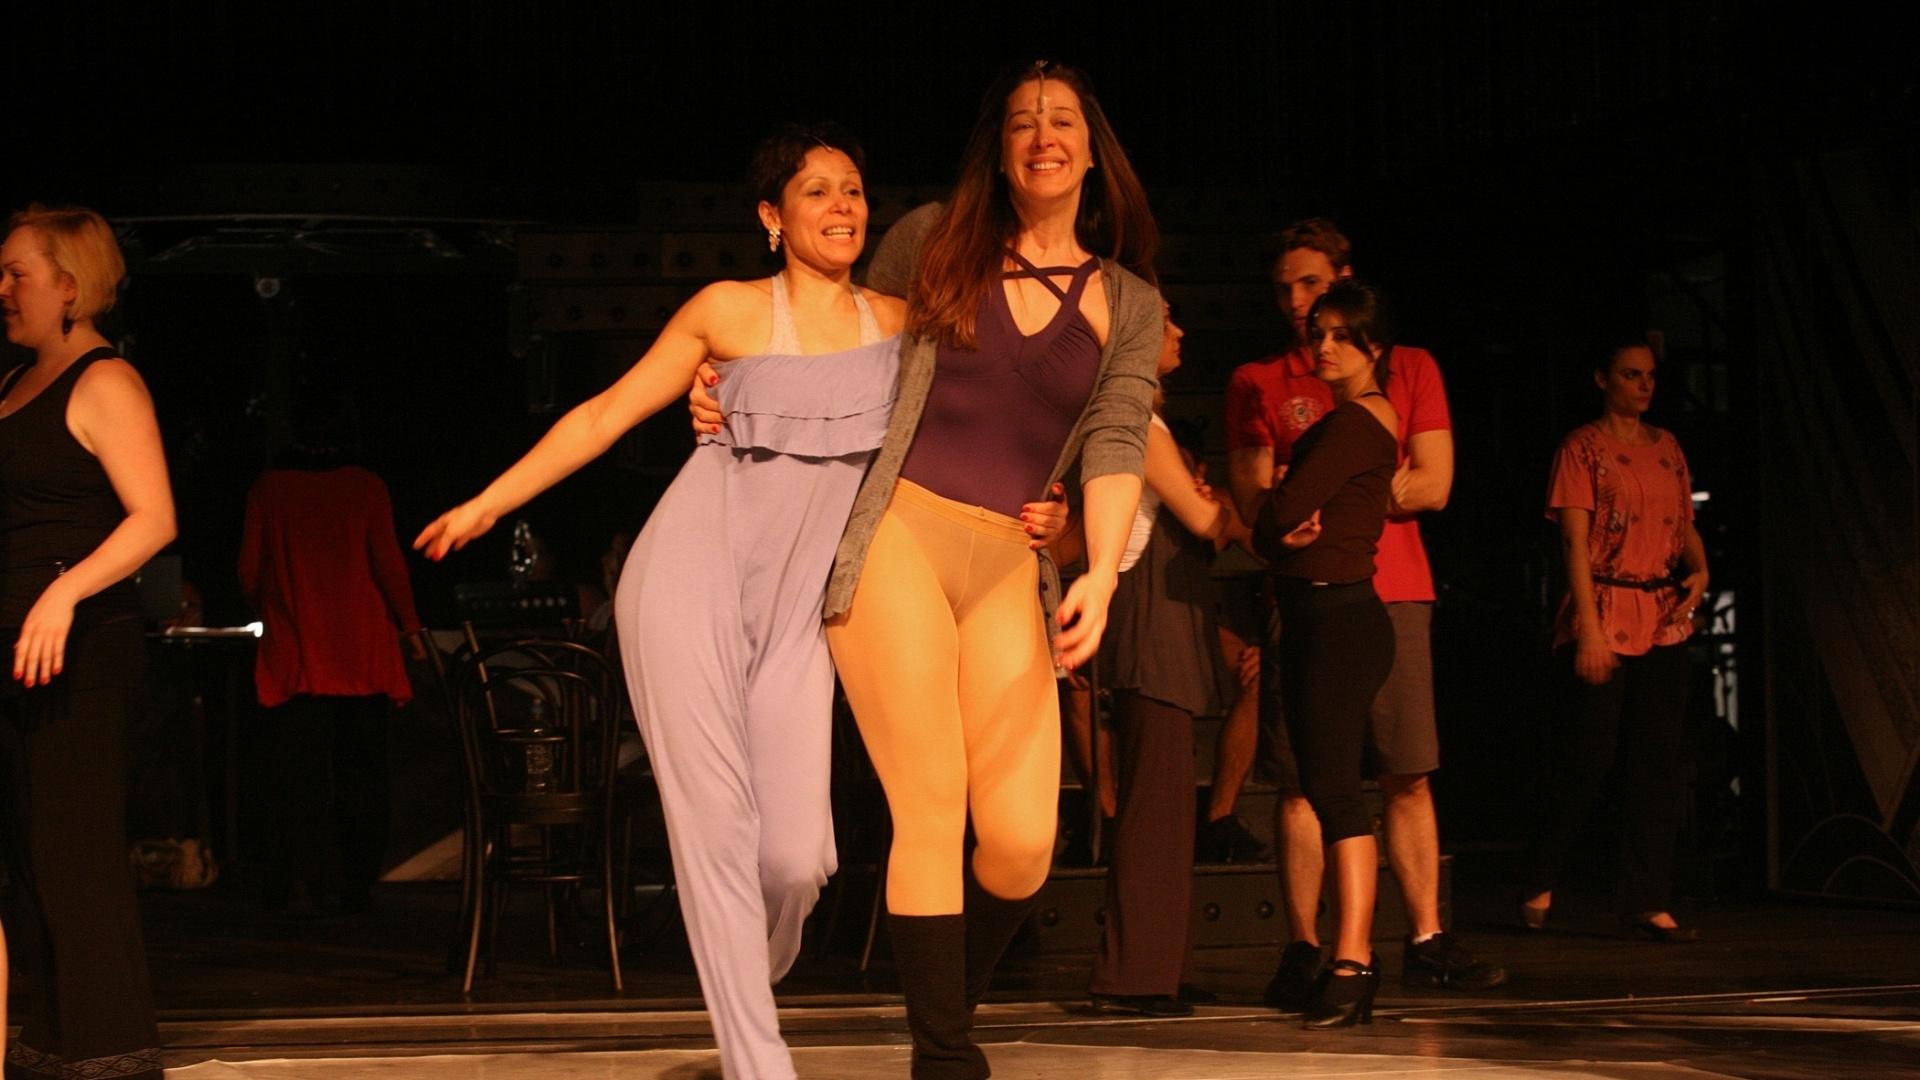 Cláudia Raia e Lyane Maia se divertem nos bastidores do espetáculo musical